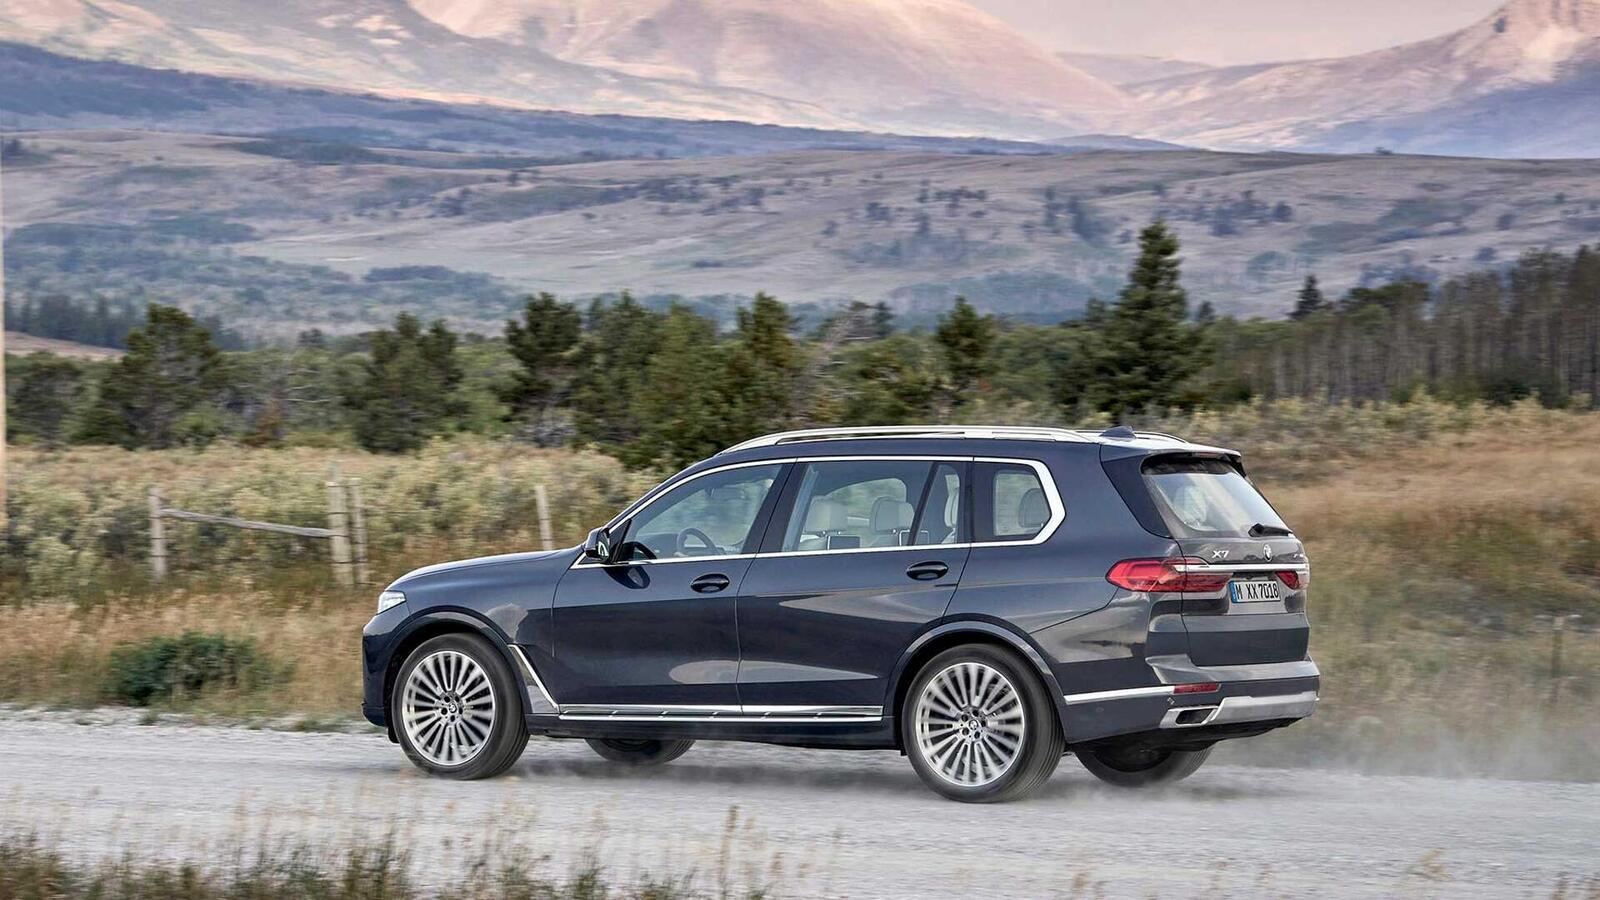 Hôm nay BMW X7 và X5 thế hệ mới sẽ ra mắt tại Việt Nam; mời các bác dự đoán giá bán - Hình 2